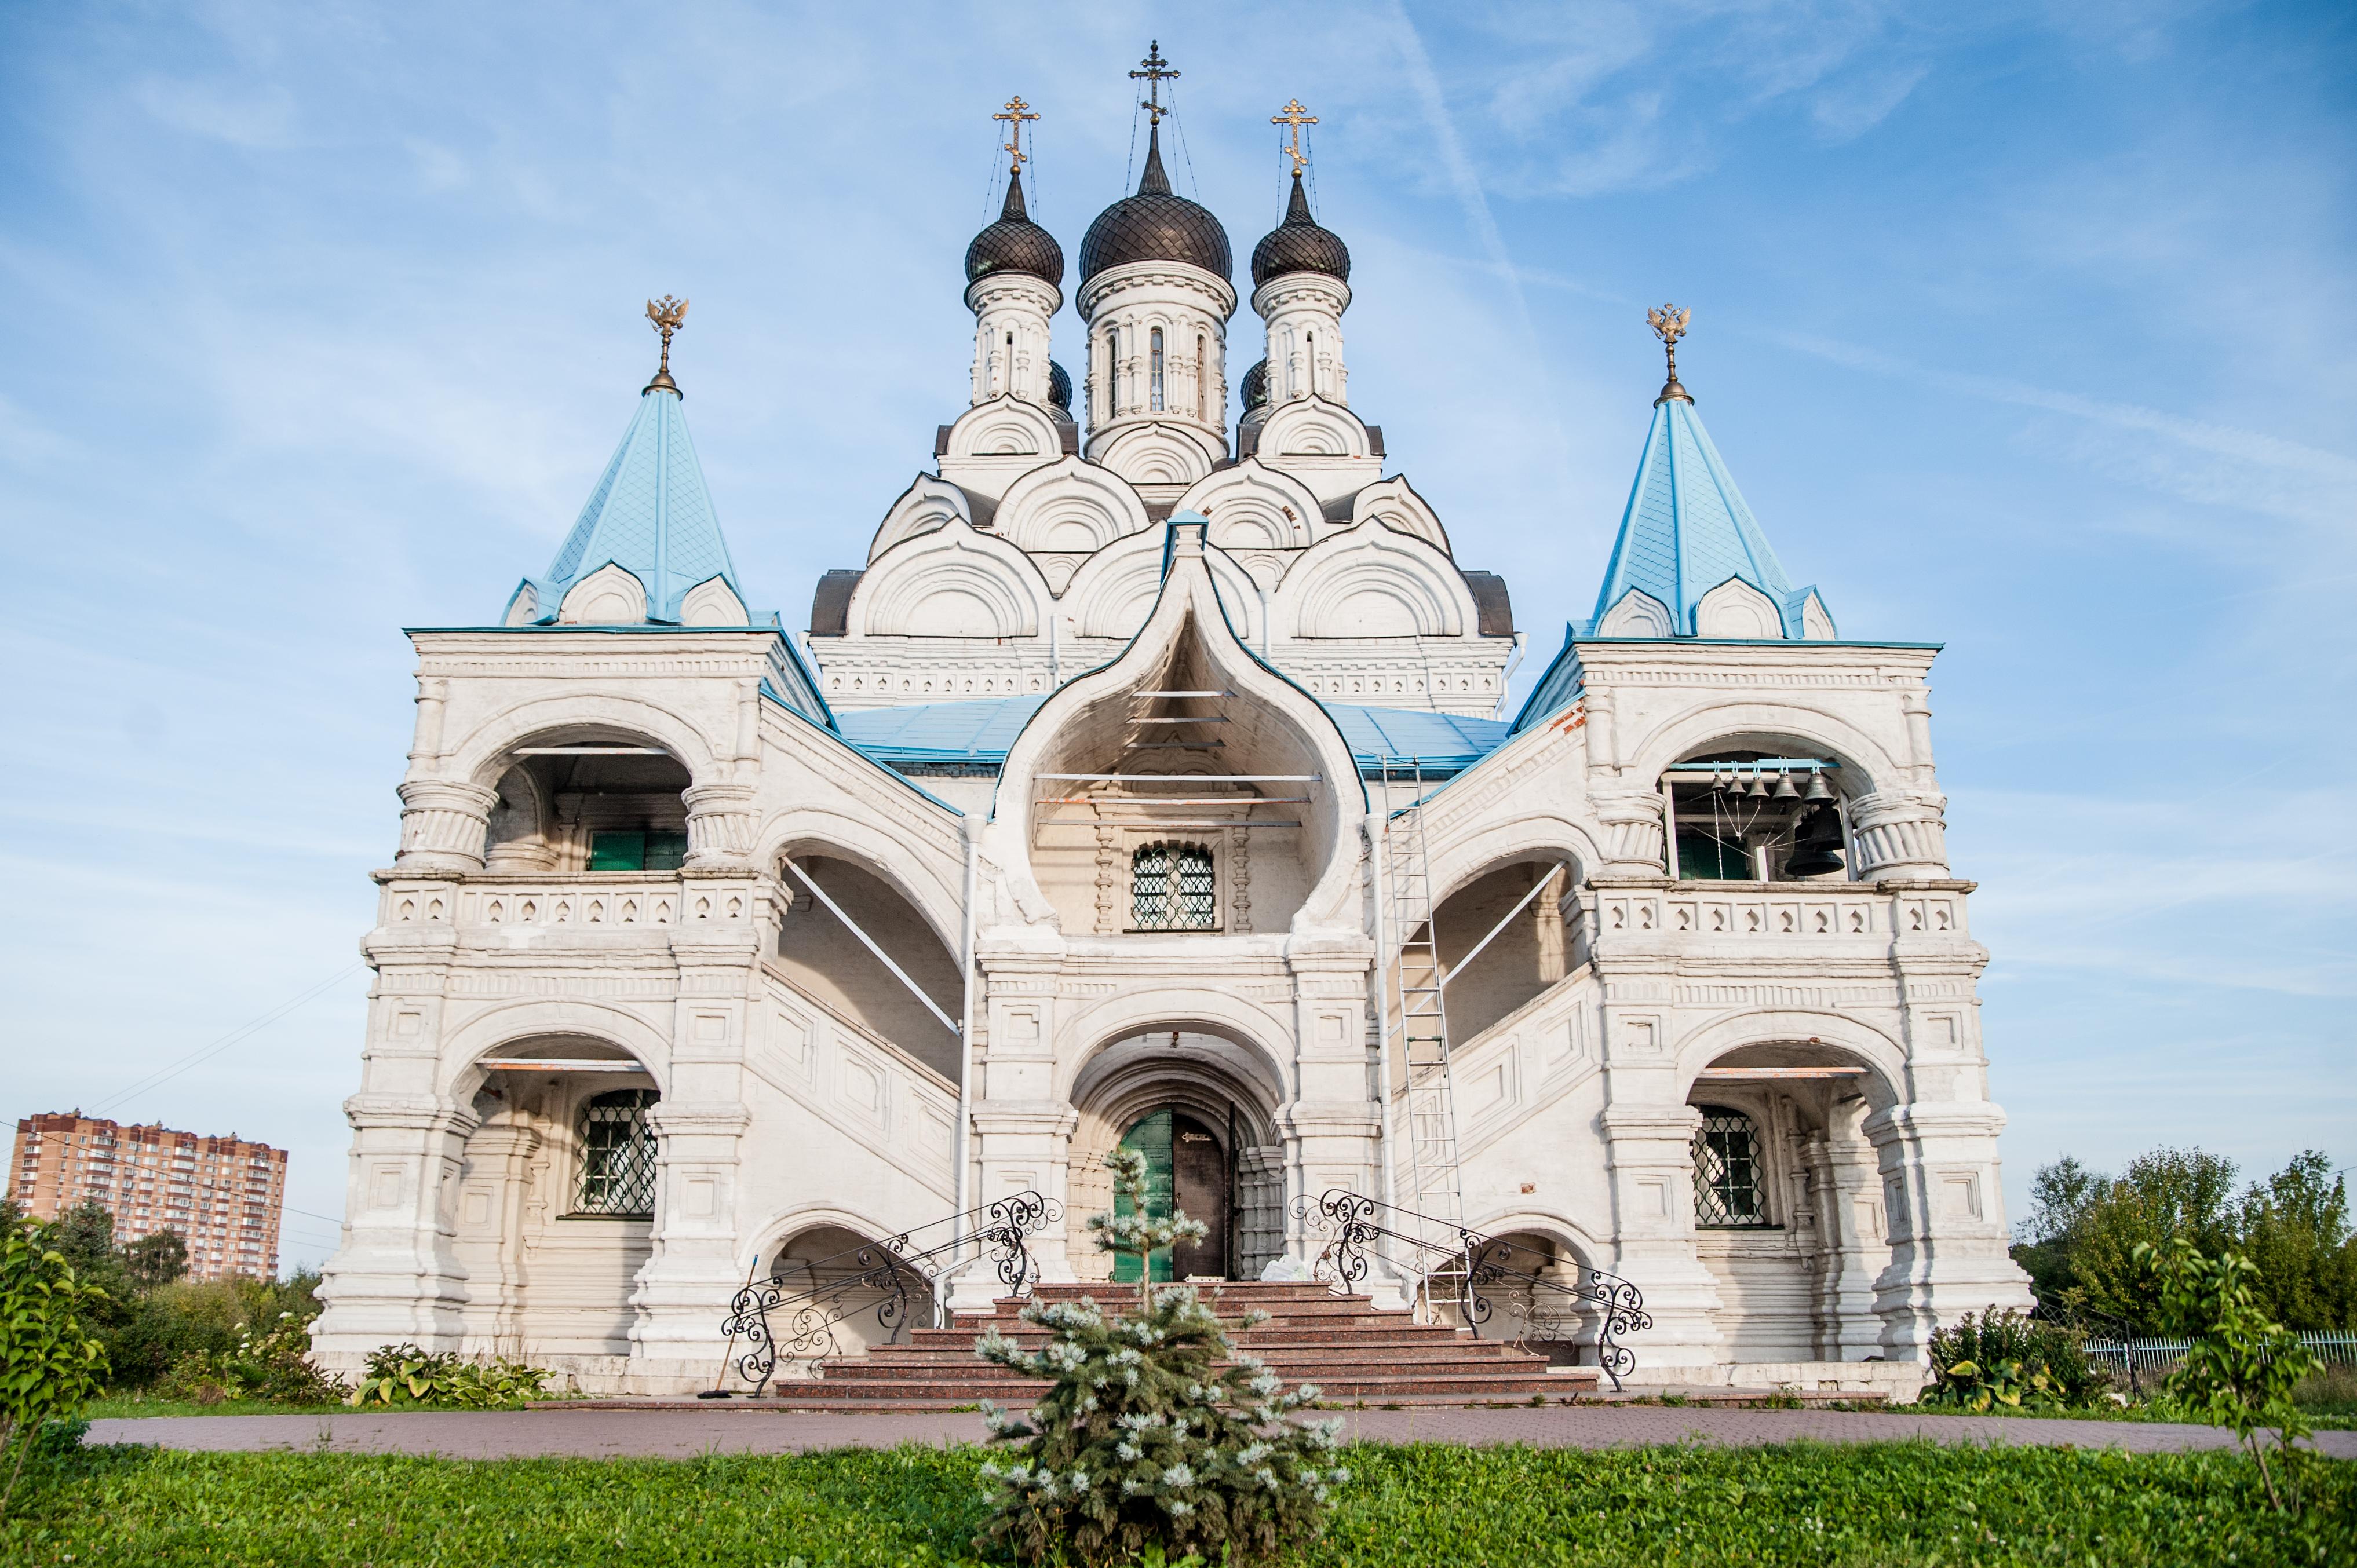 Ярославское направление, Мытищи, Храм Благовещания Пресвятой Богородицы в Тайнинском